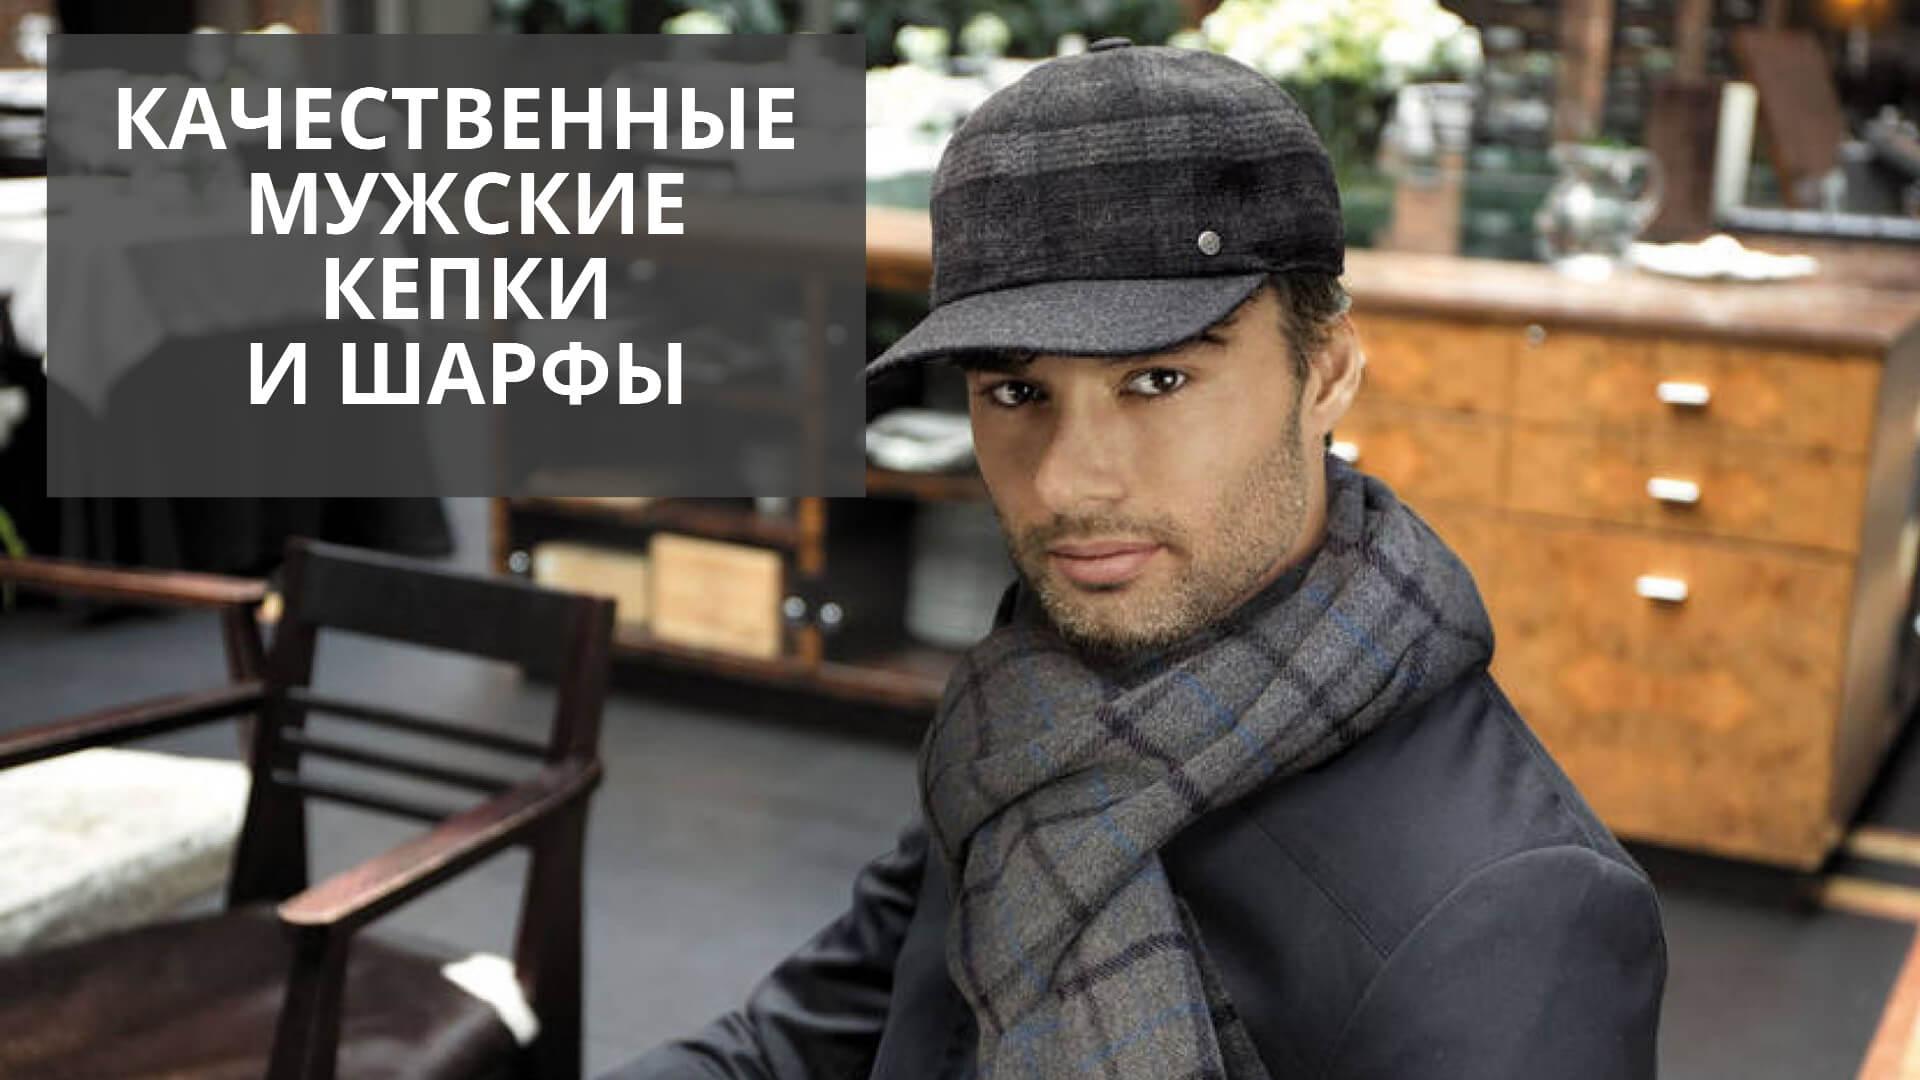 Качественные мужские кепки и шарфы